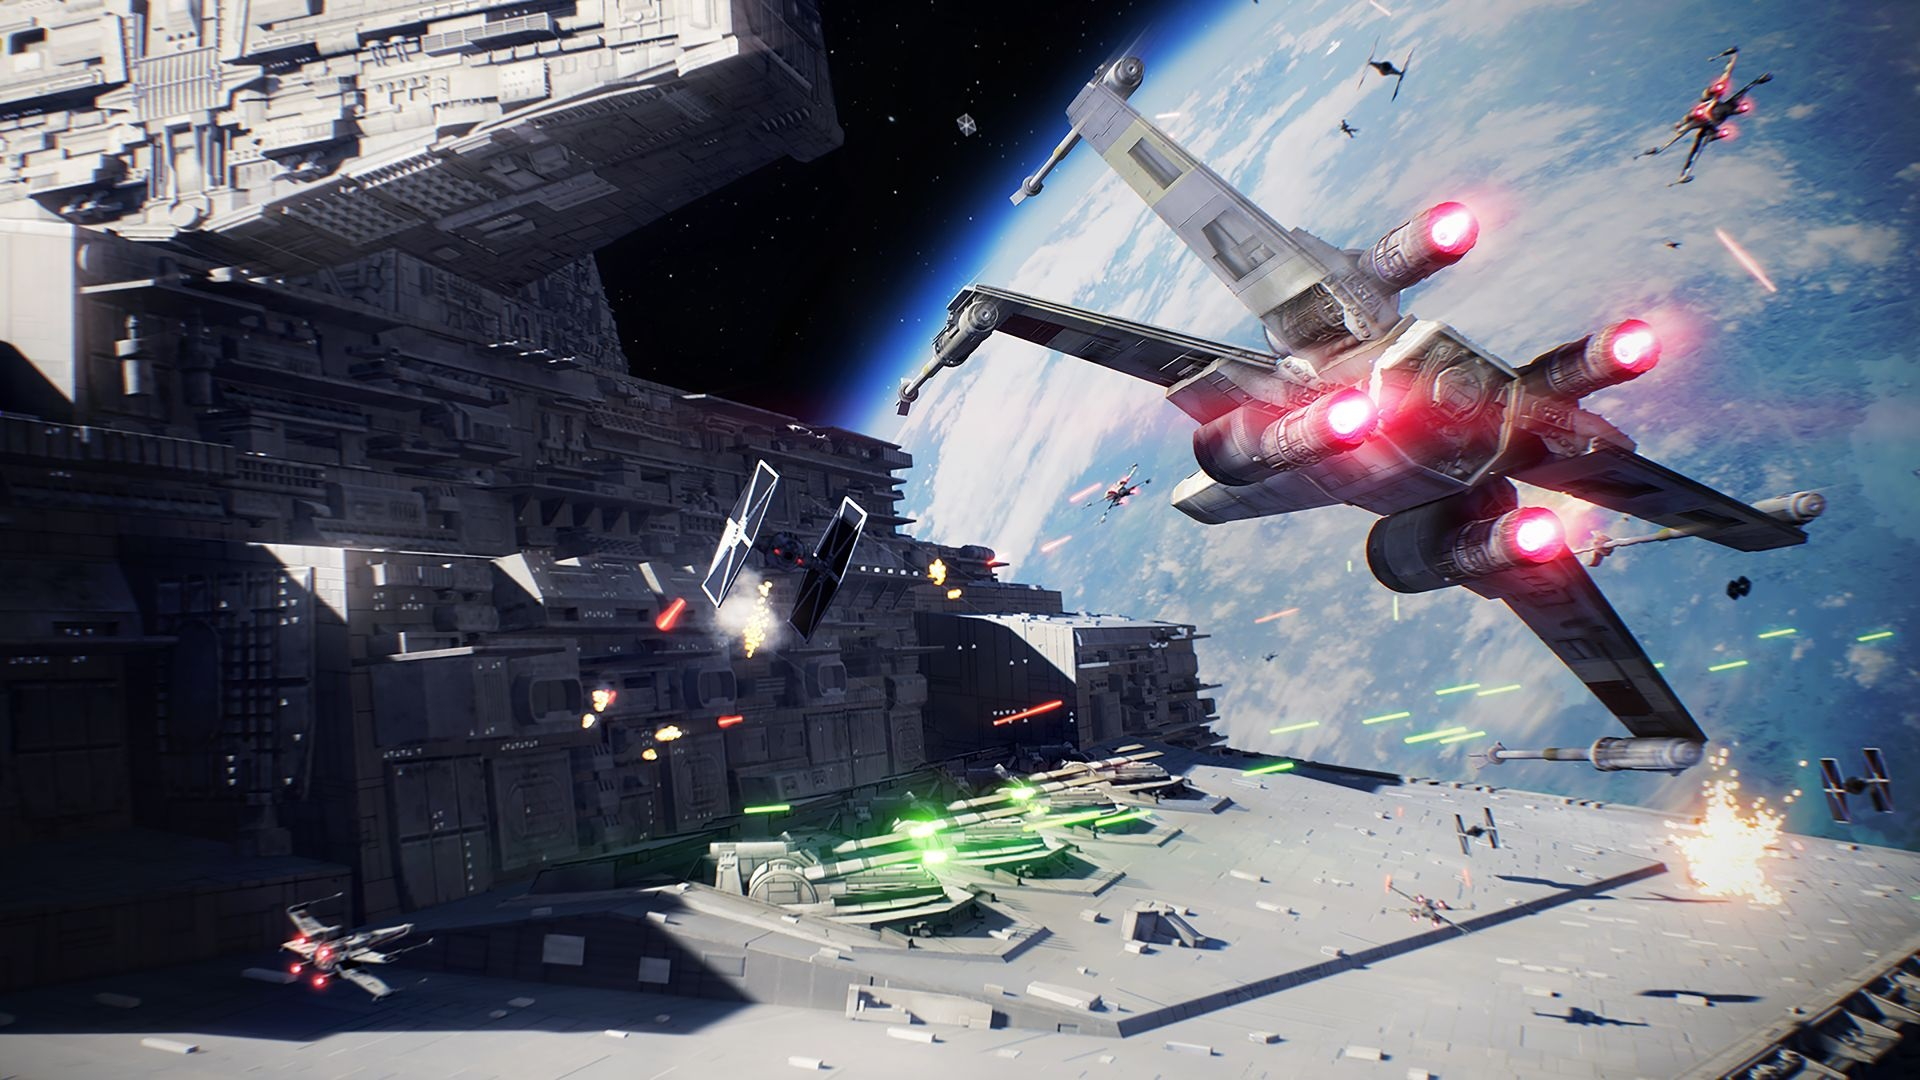 Pole kosmicznej bitwy w Star Wars Battlefront II z X-wingiem nacierającym na Tie Fightera